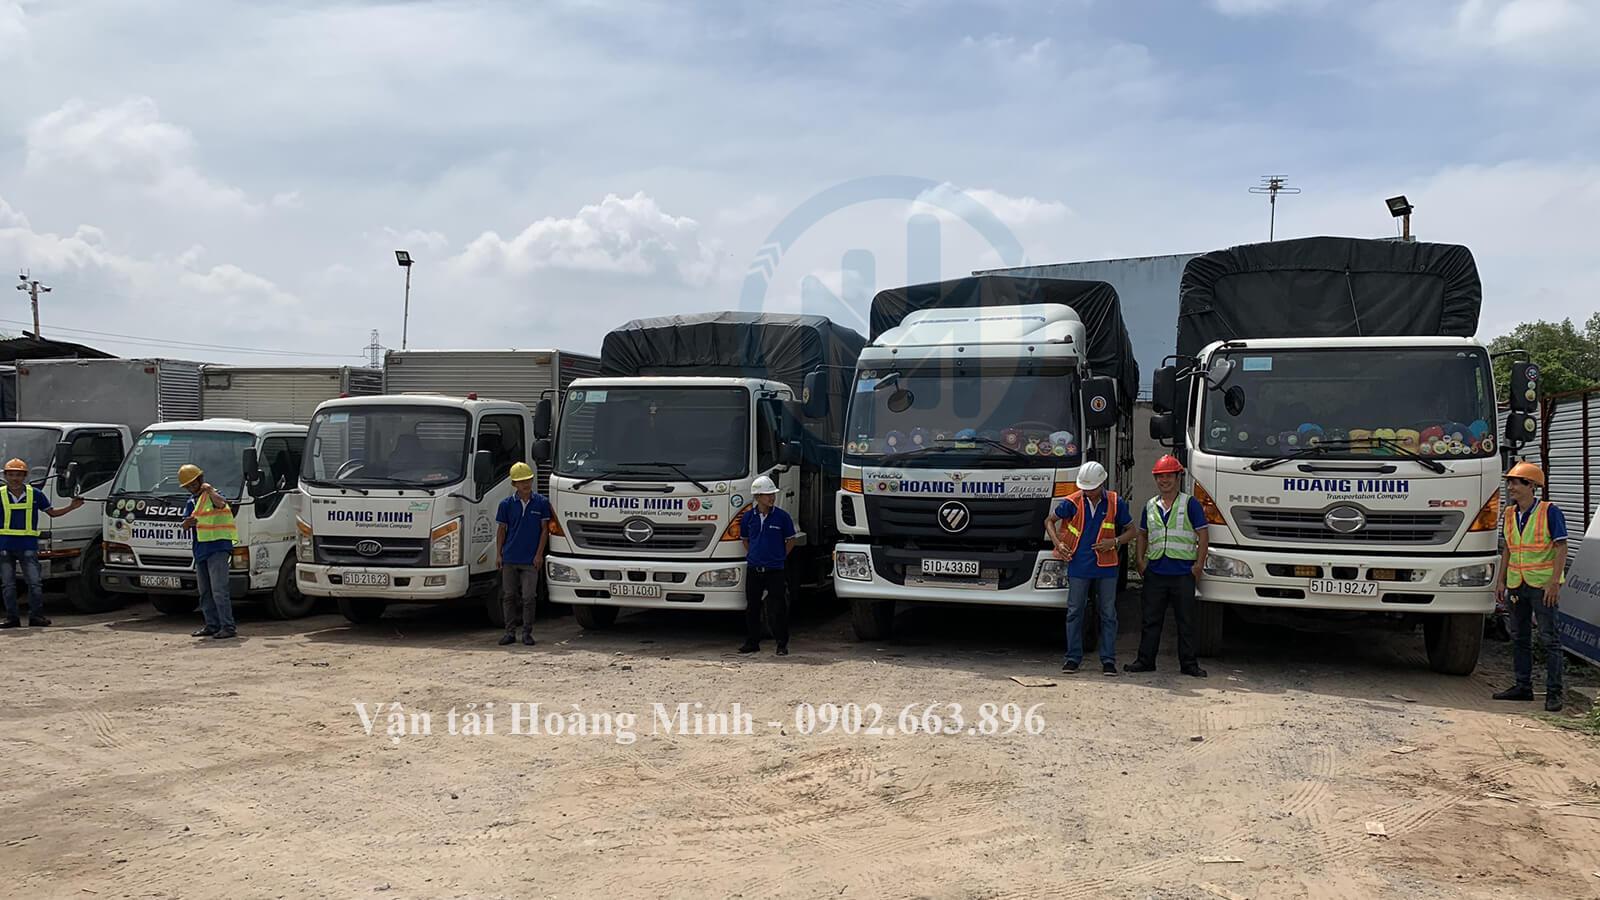 Vận tải Hoàng Minh cung cấp xe tải chở hàng Quận 11 có kích thước như thế nào